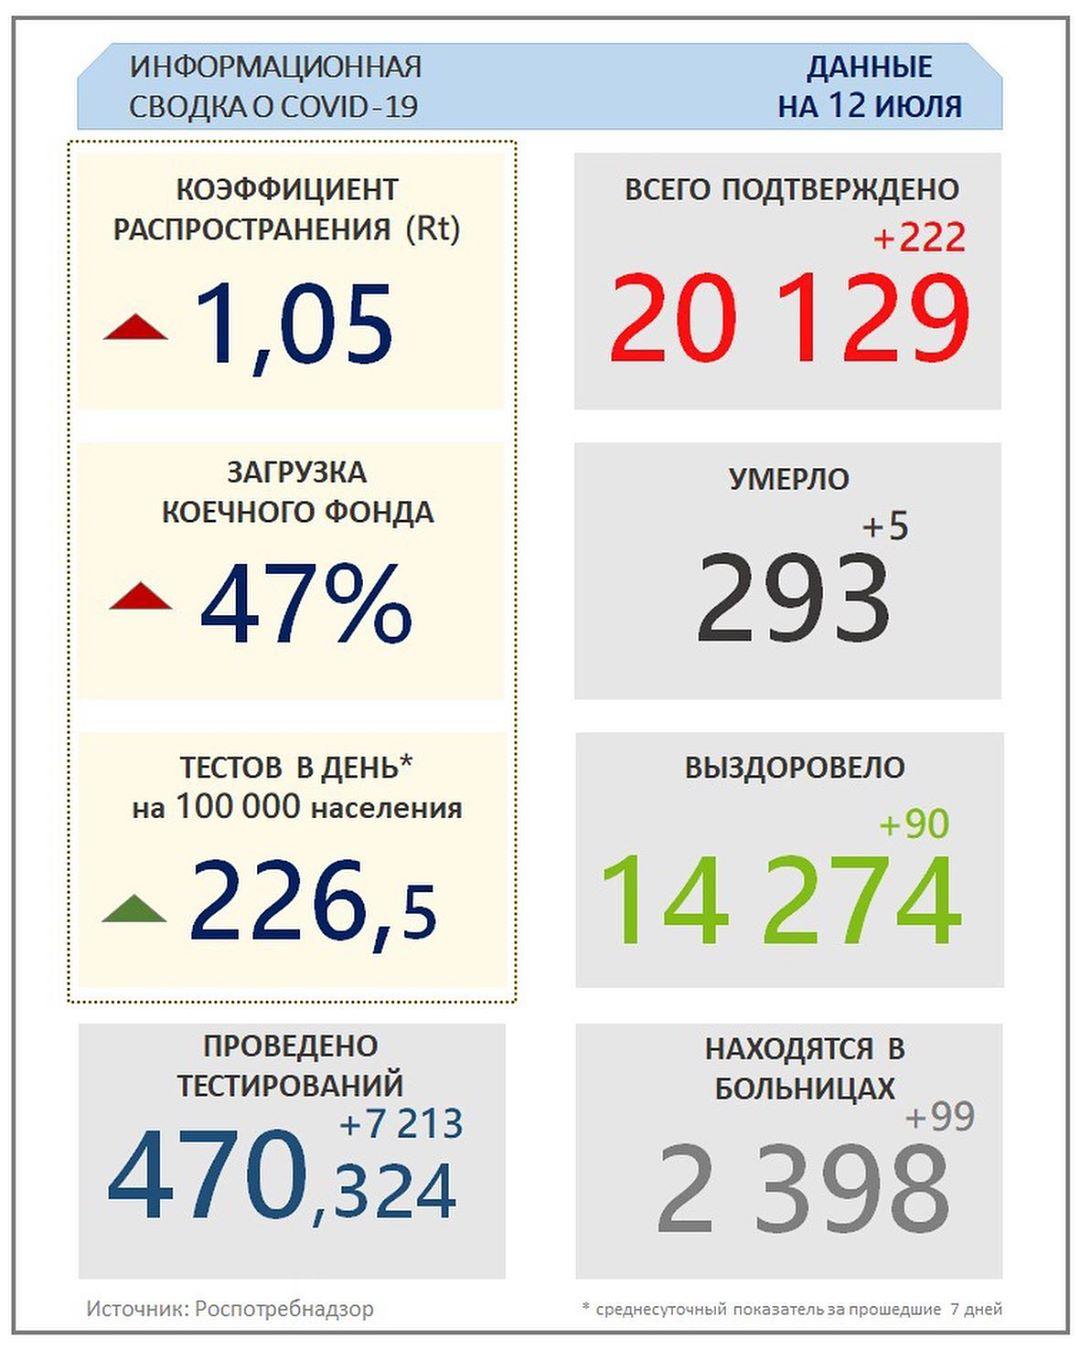 Коэффициенты распространения коронавируса в россии и москве выросли до 0,92 и 0,75